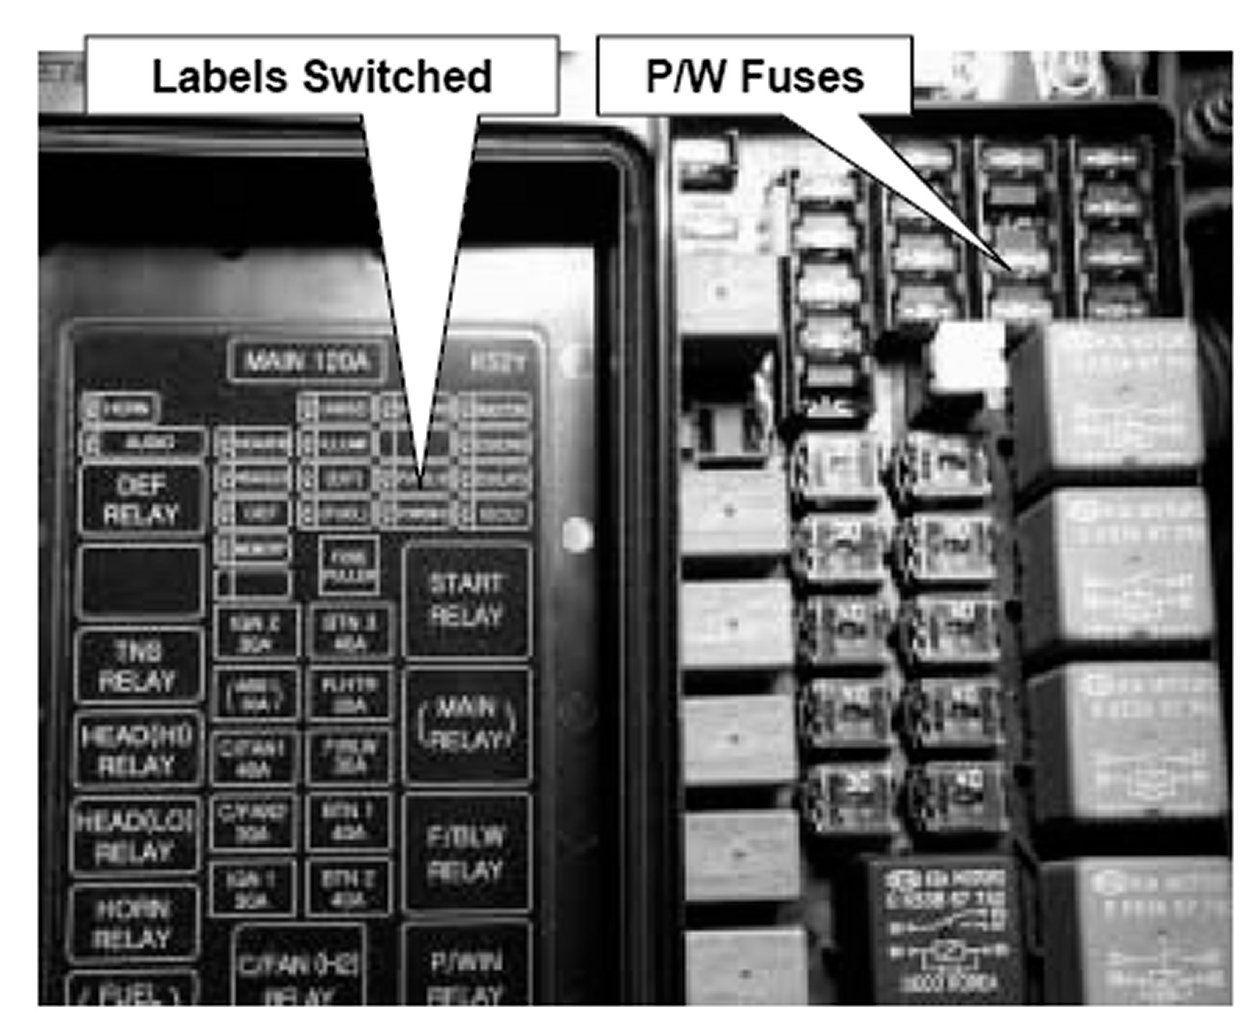 2009 kia sedona fuse box diagram - fuse.tud-service.de   fuse box, kia  sedona, kia  pinterest